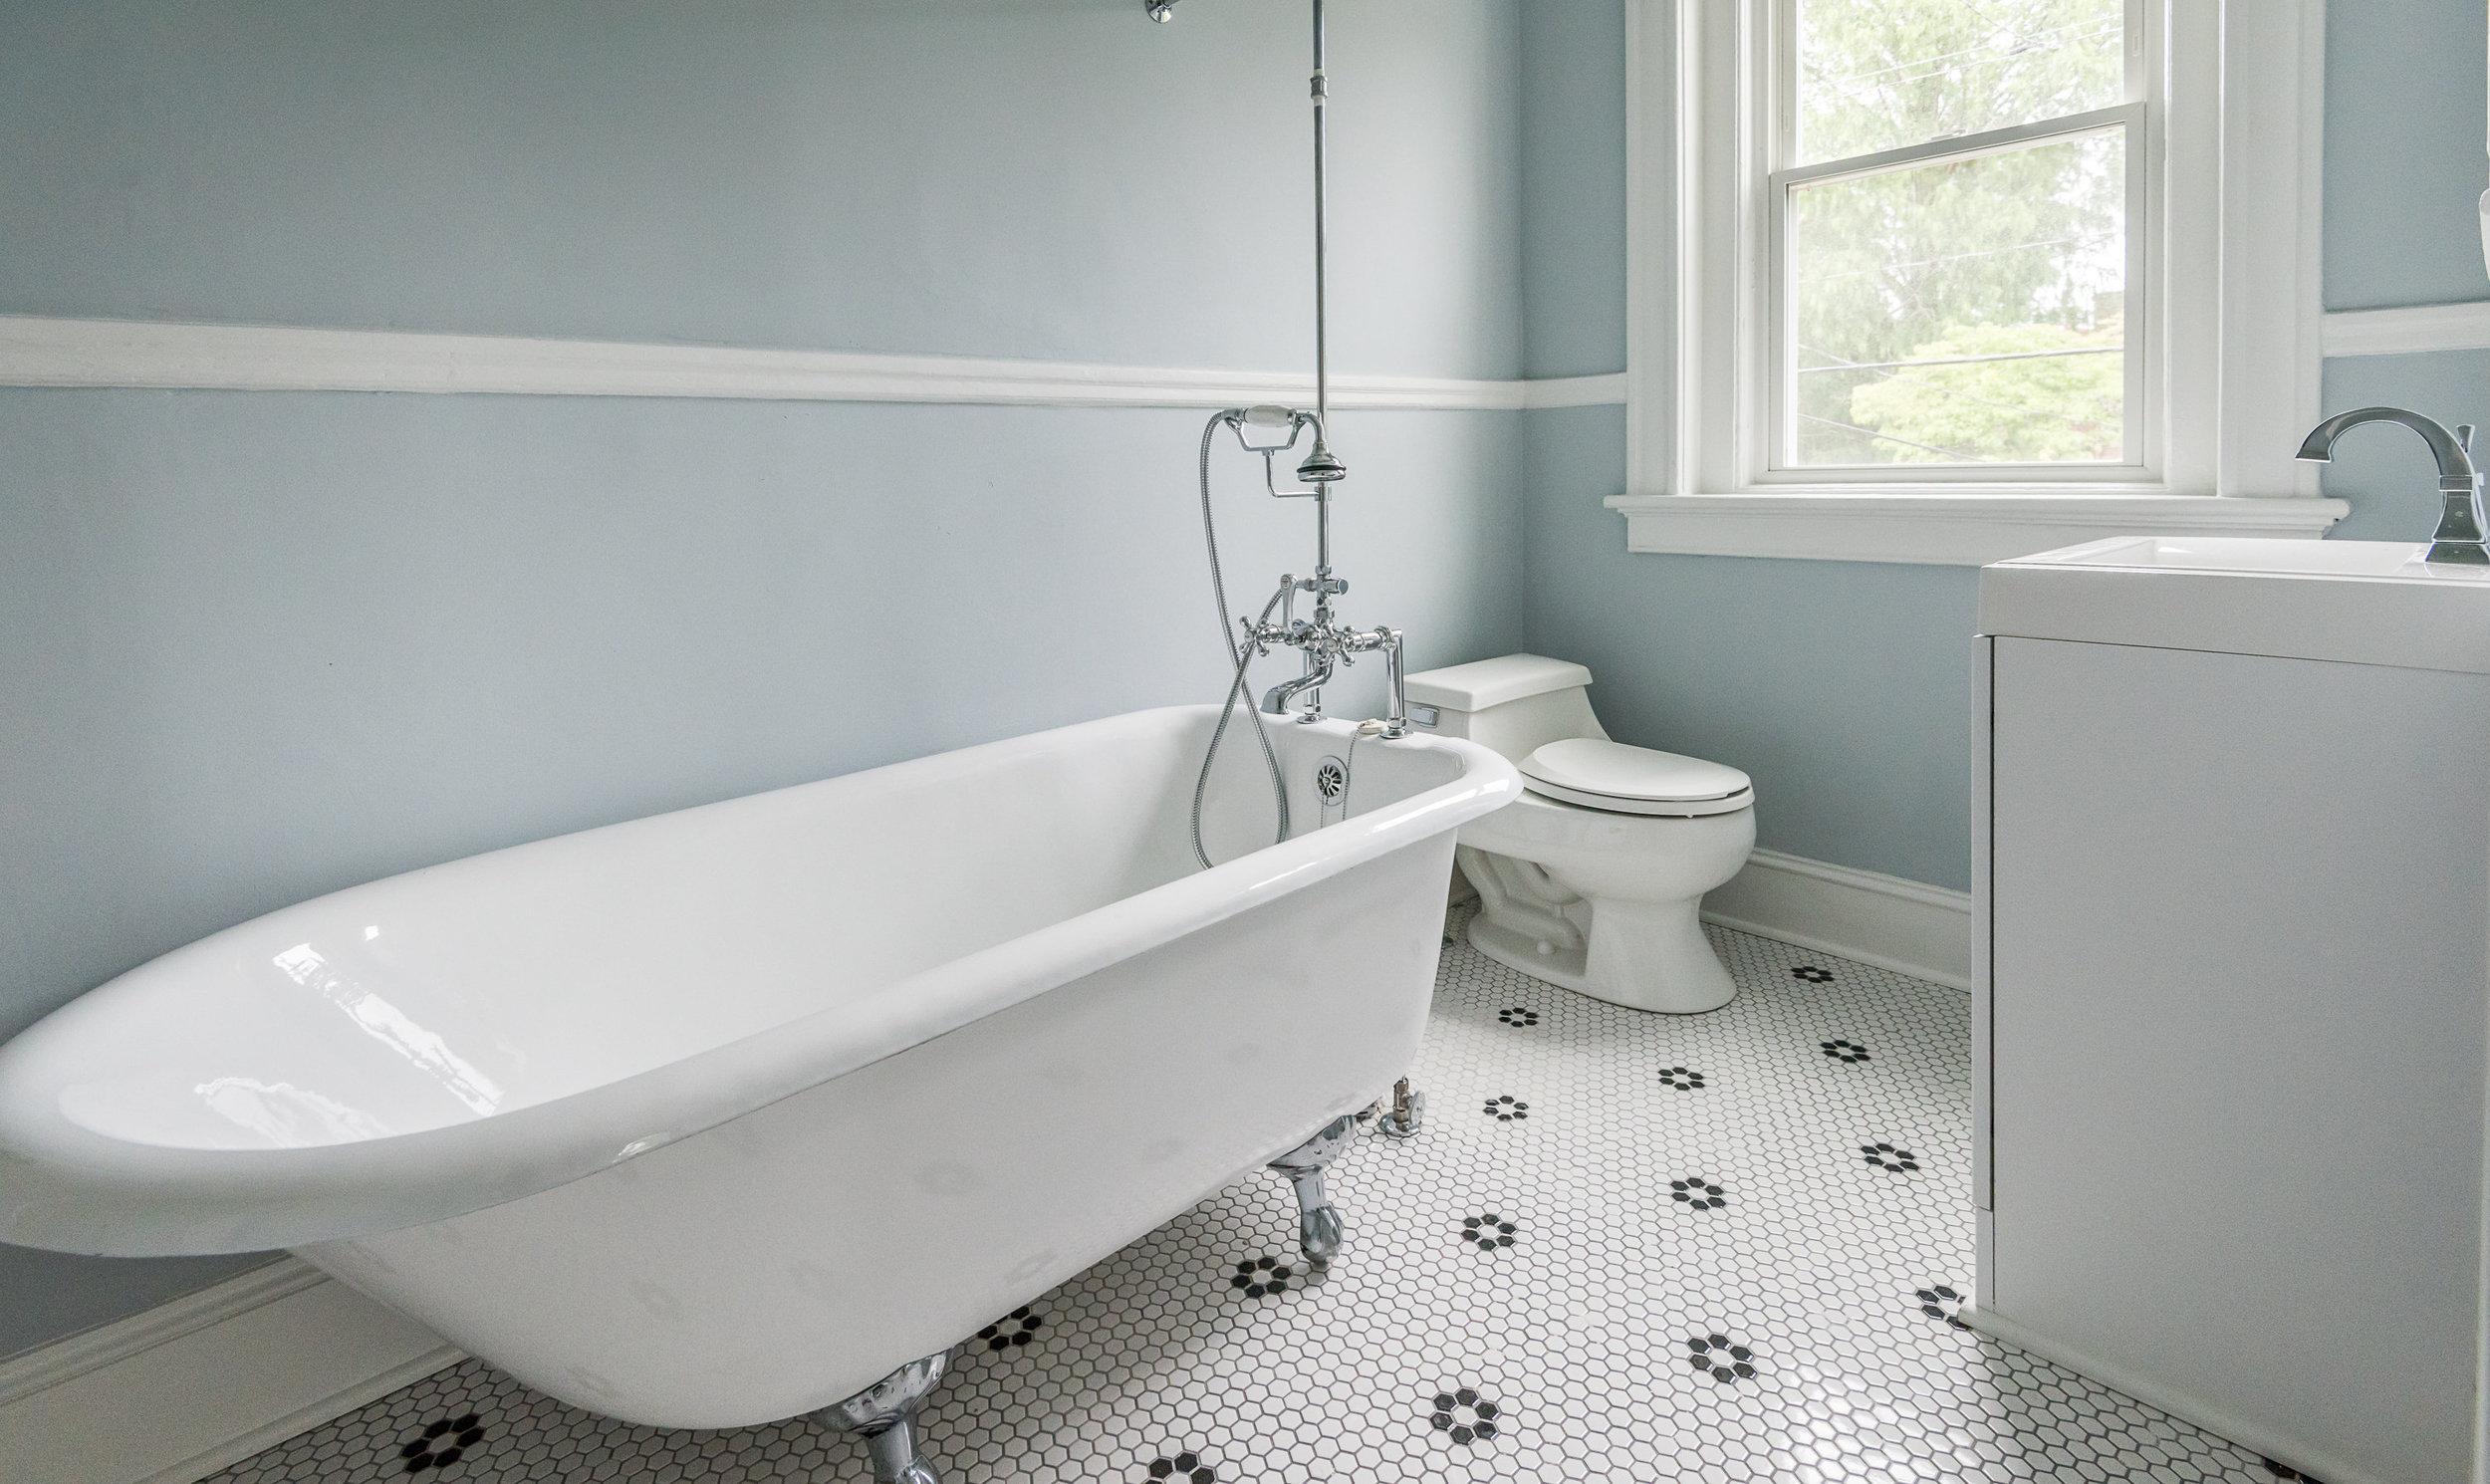 106a bathroom 1.jpg